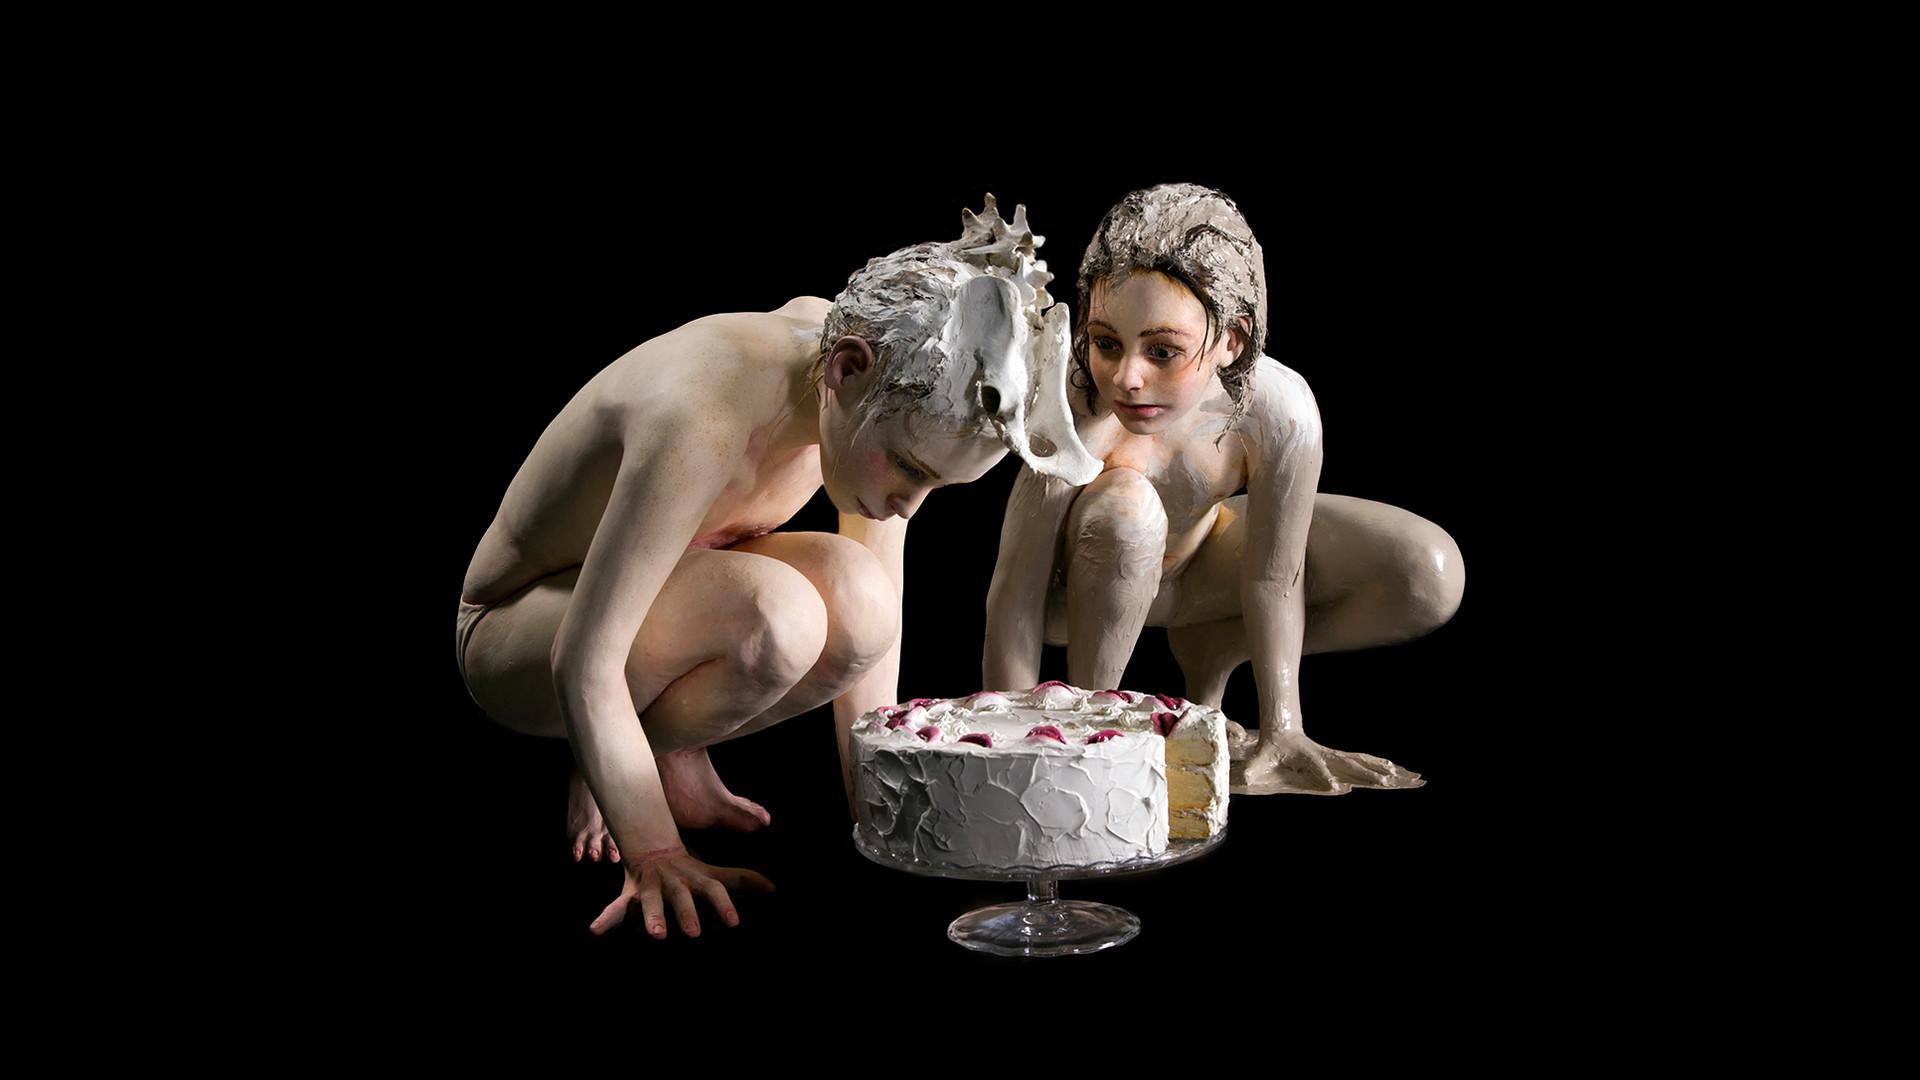 העוגה, 2020, רונית ברנגה. צילום: הדר סייפן